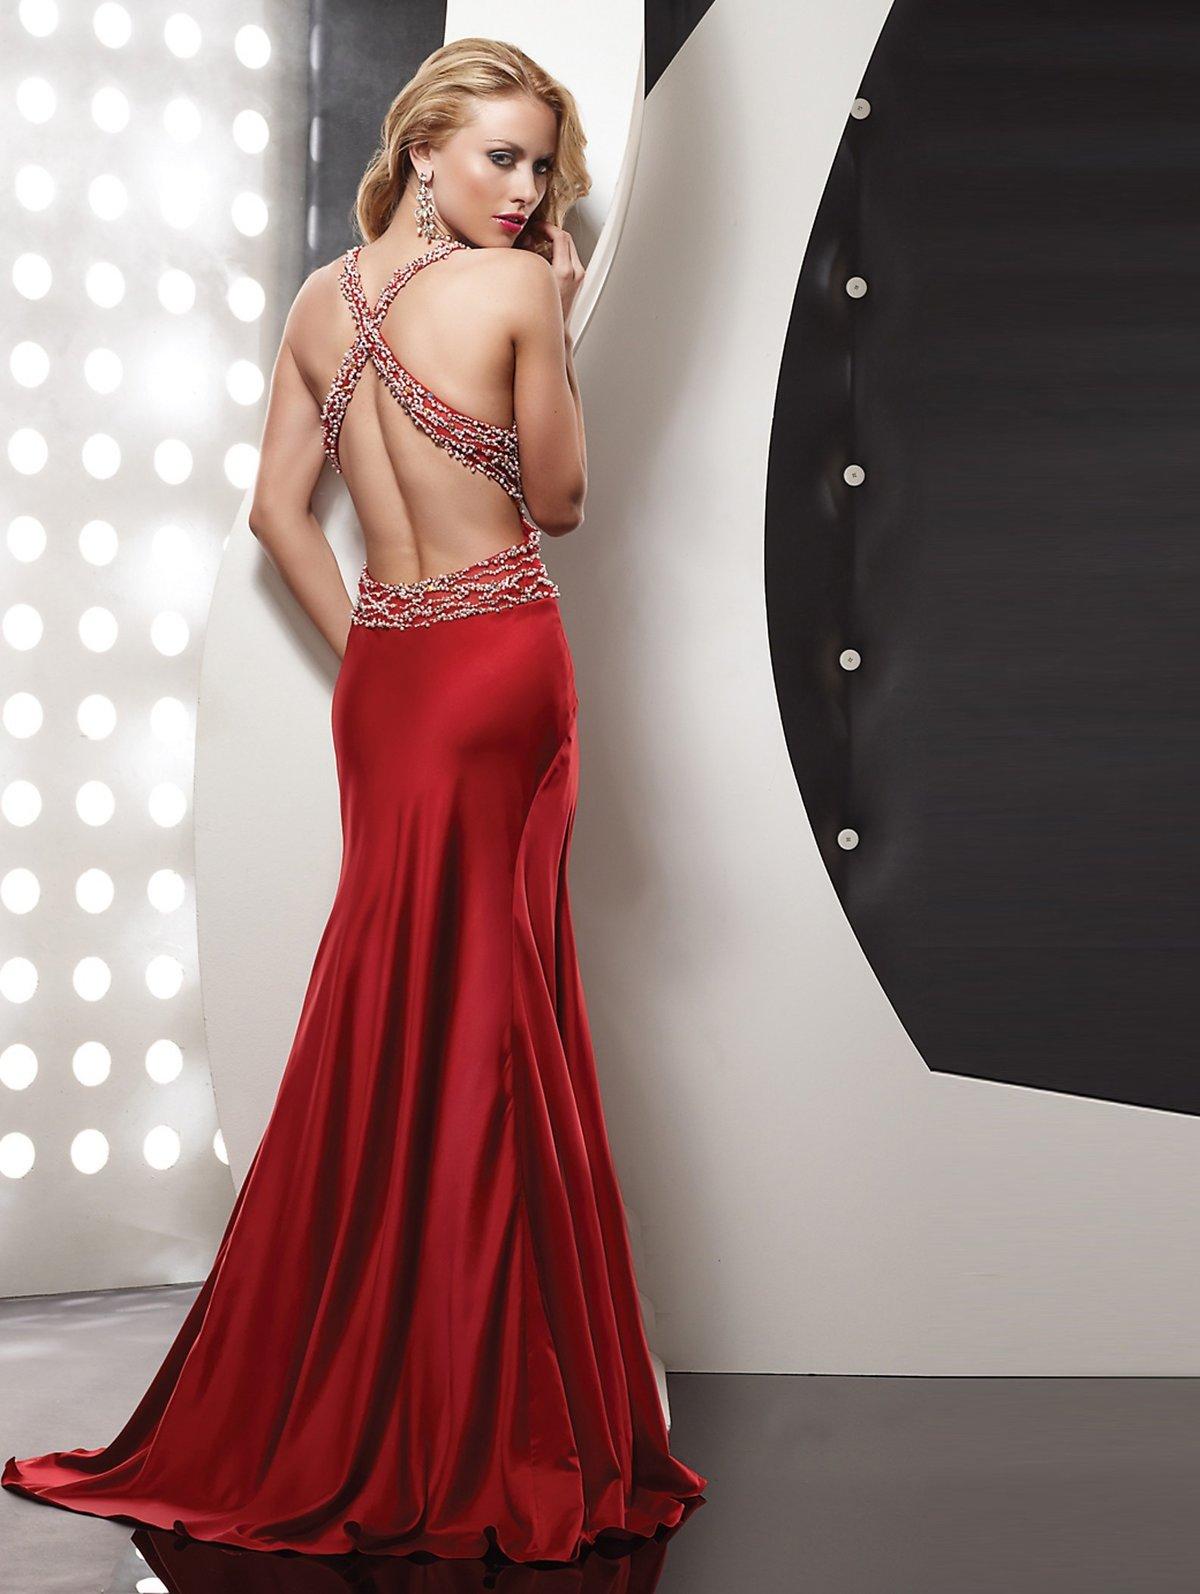 елены занялся фото вечернего платья с открытой спиной специалист